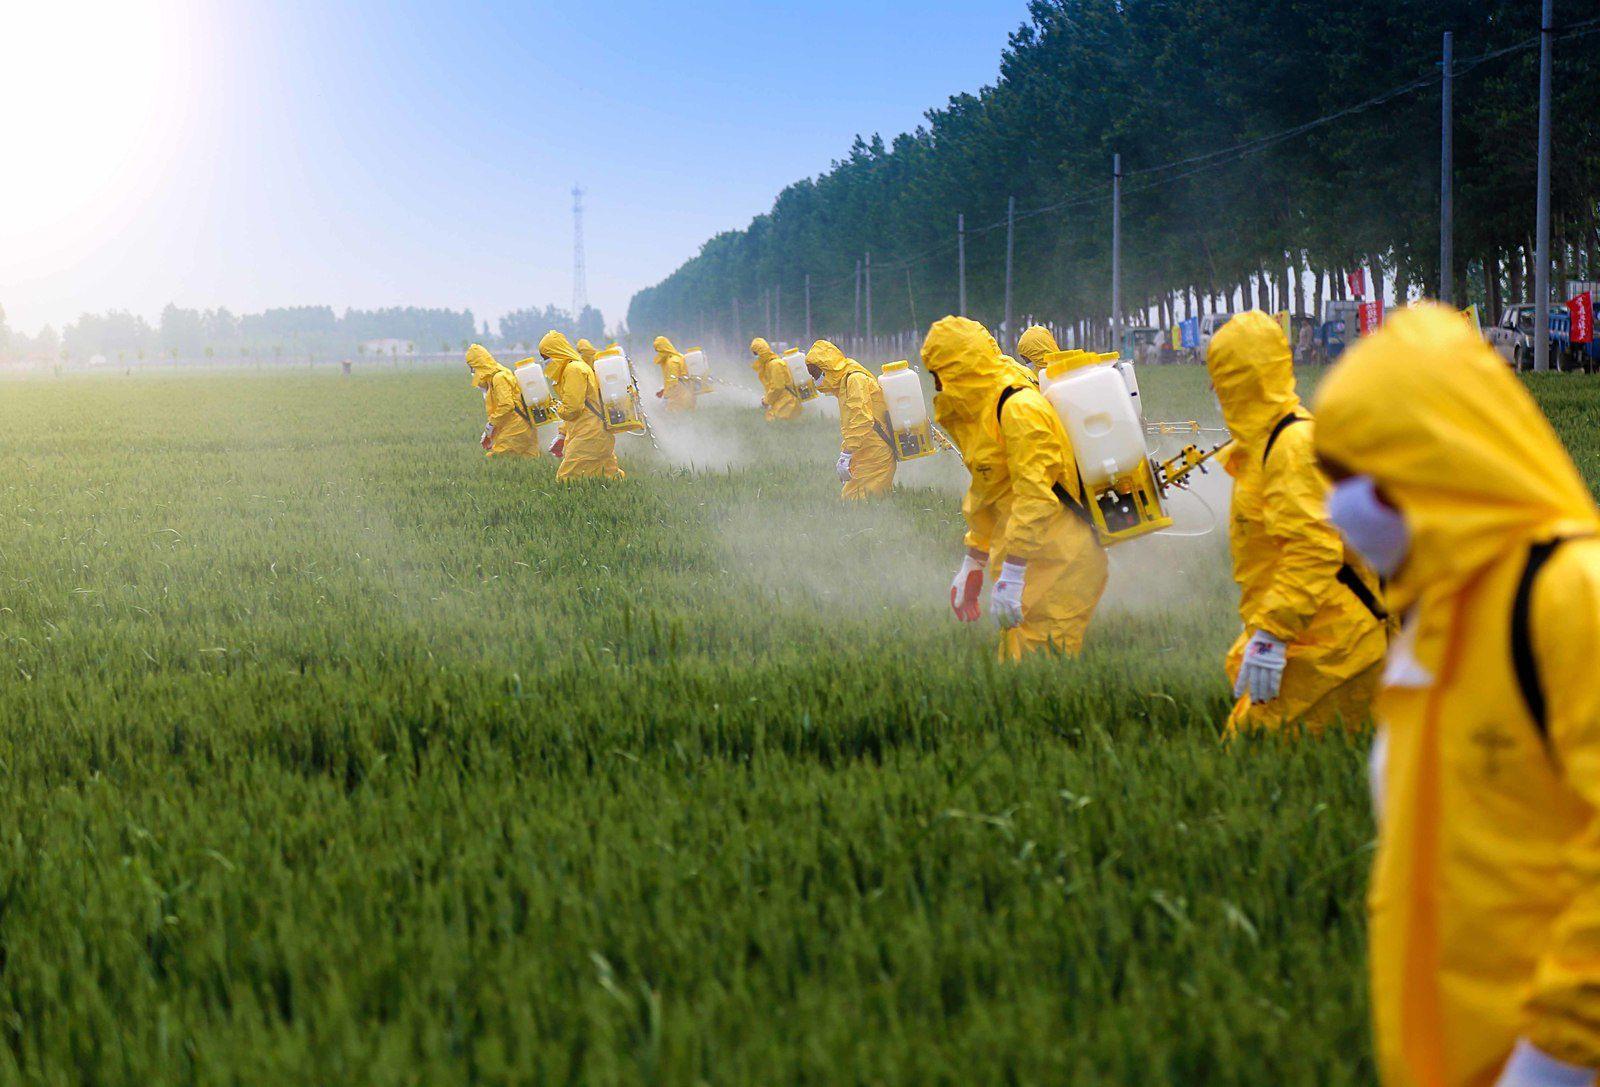 Interdiction d'interdire les pestes des pesticides ? Tout le monde doit subir sans réagir et les politiciens auraient bloqué toutes possiblités de se défendre directement des…nuisances. Nuisances qui n'ont aucun mais aucun argment pour se poursuivre une seconde de plus…